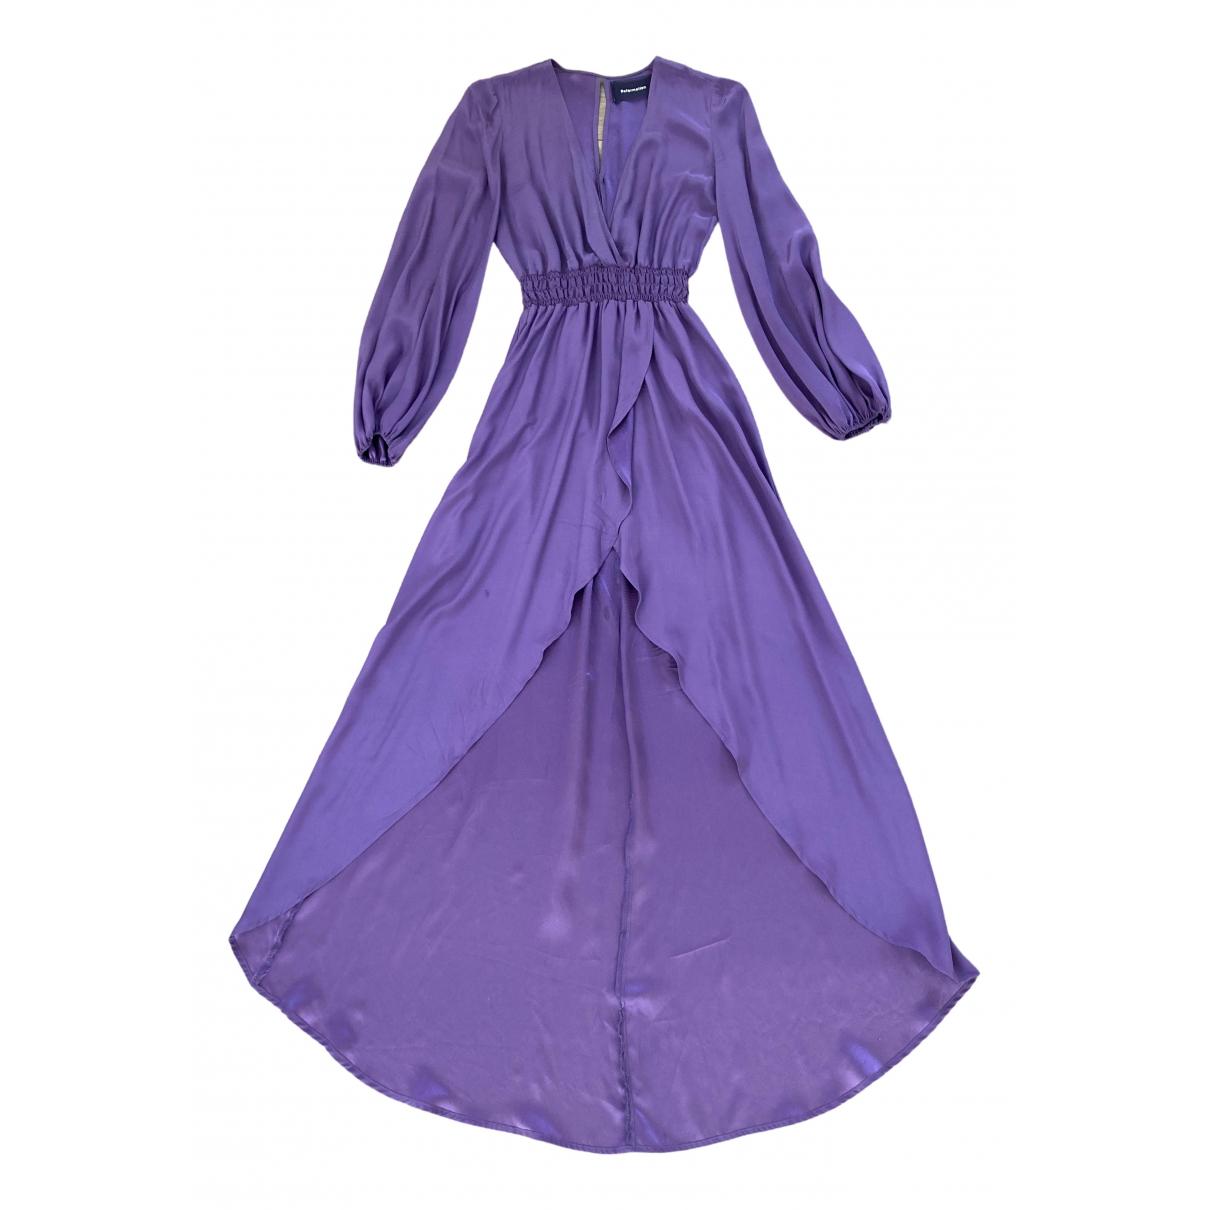 Reformation \N Purple dress for Women S International